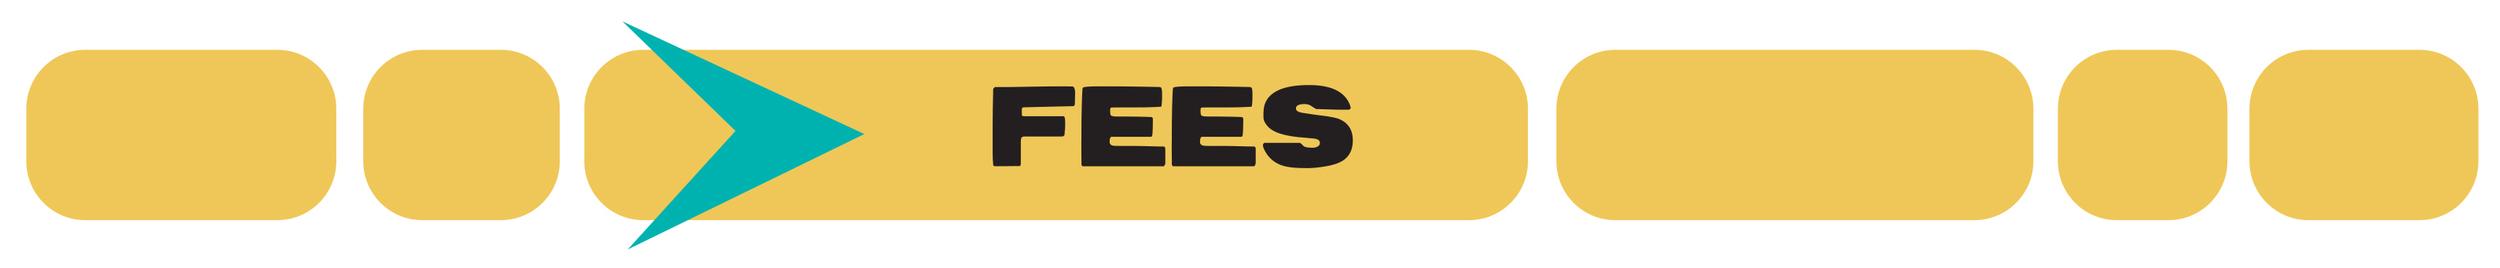 web page headers_Layout 1 fees.jpg